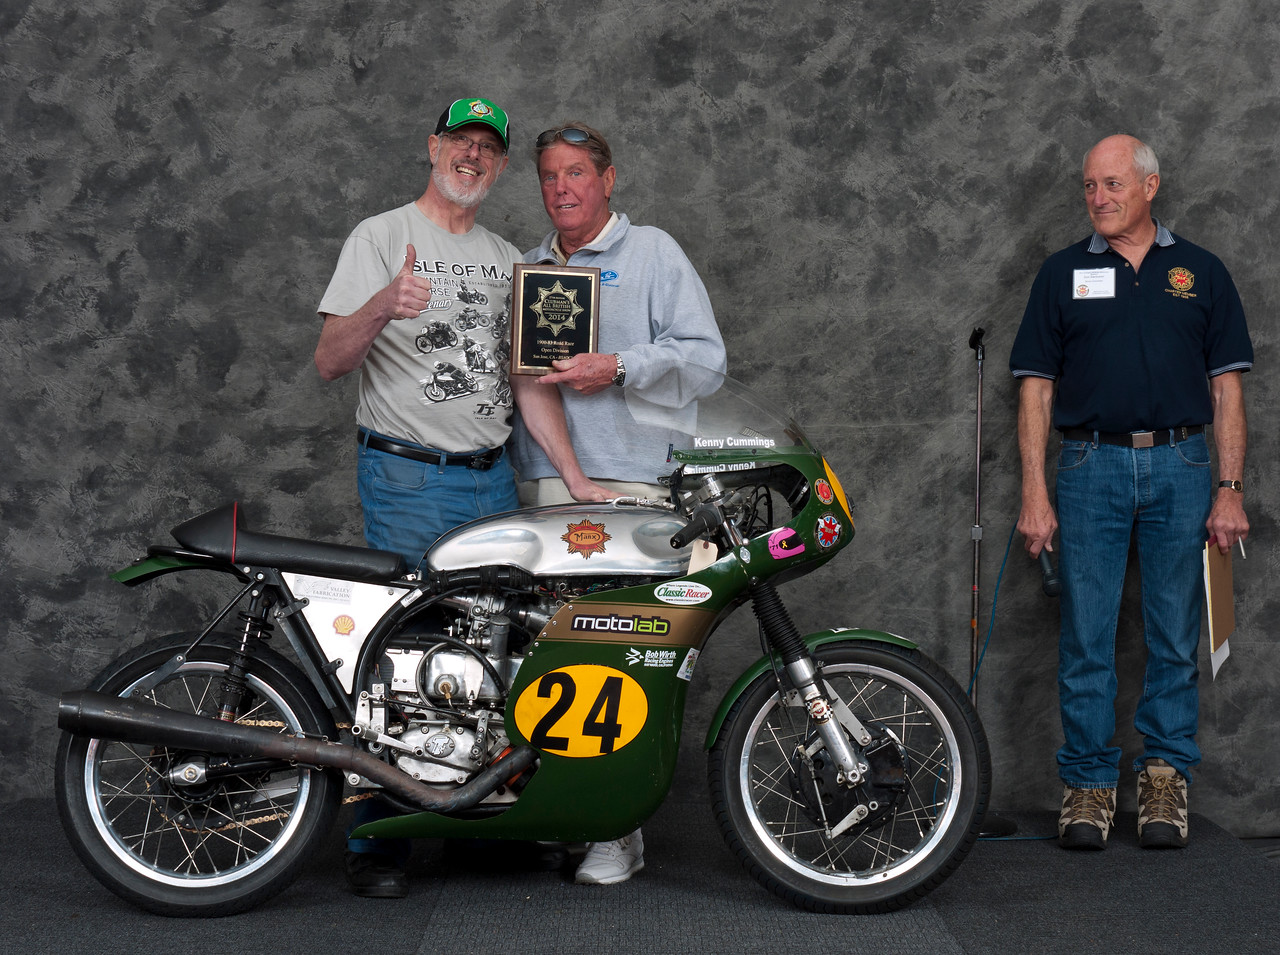 Ron Halem; 1960 BSA Gold Star Manx Racer.  Class: Roadrace, Open